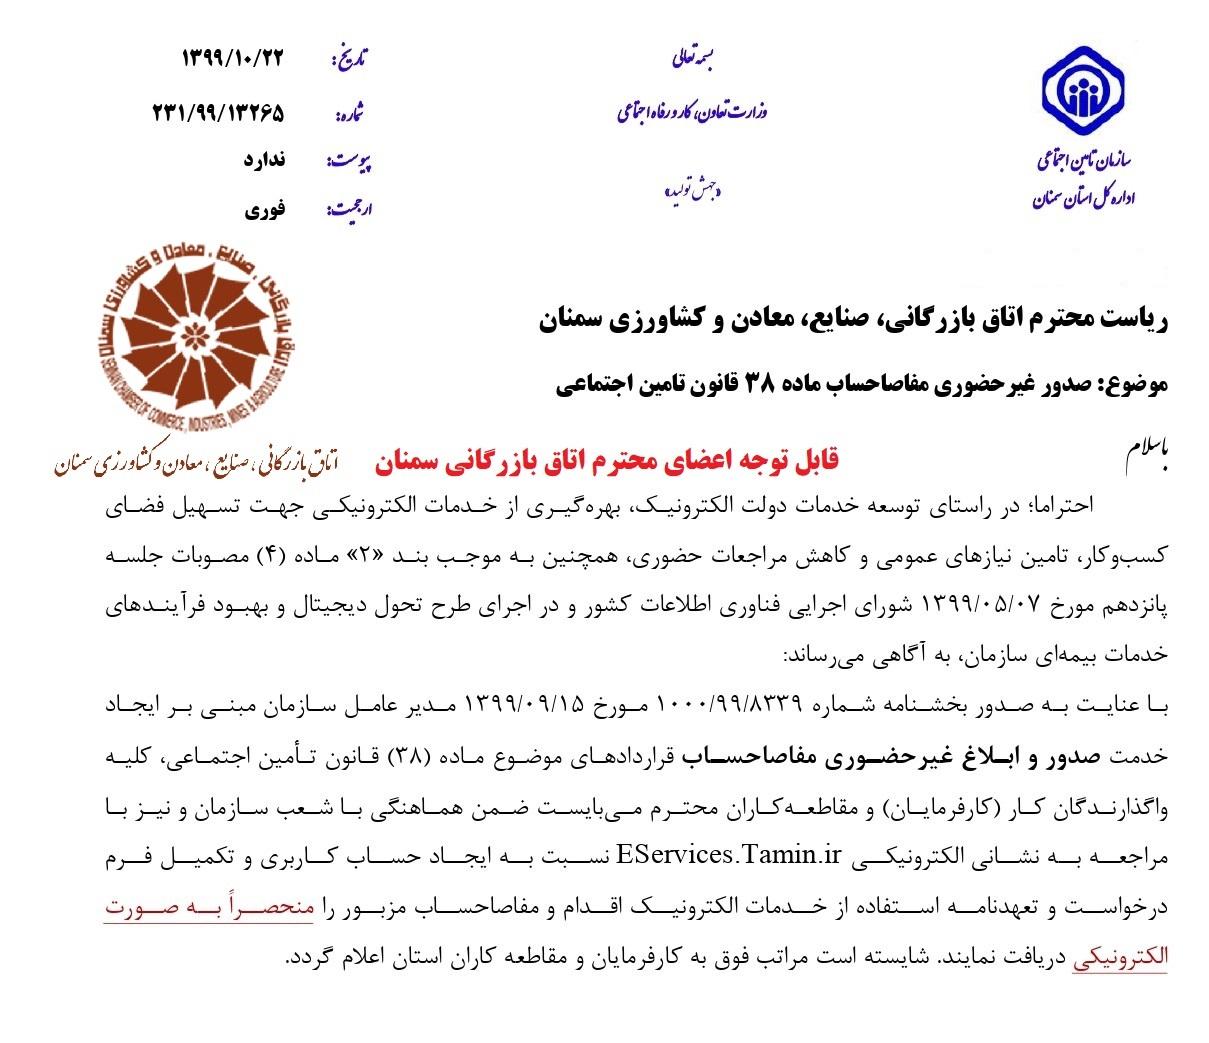 صدور غیر حضور مفاصا حساب ماده 38 قانون تامین اجتماعی